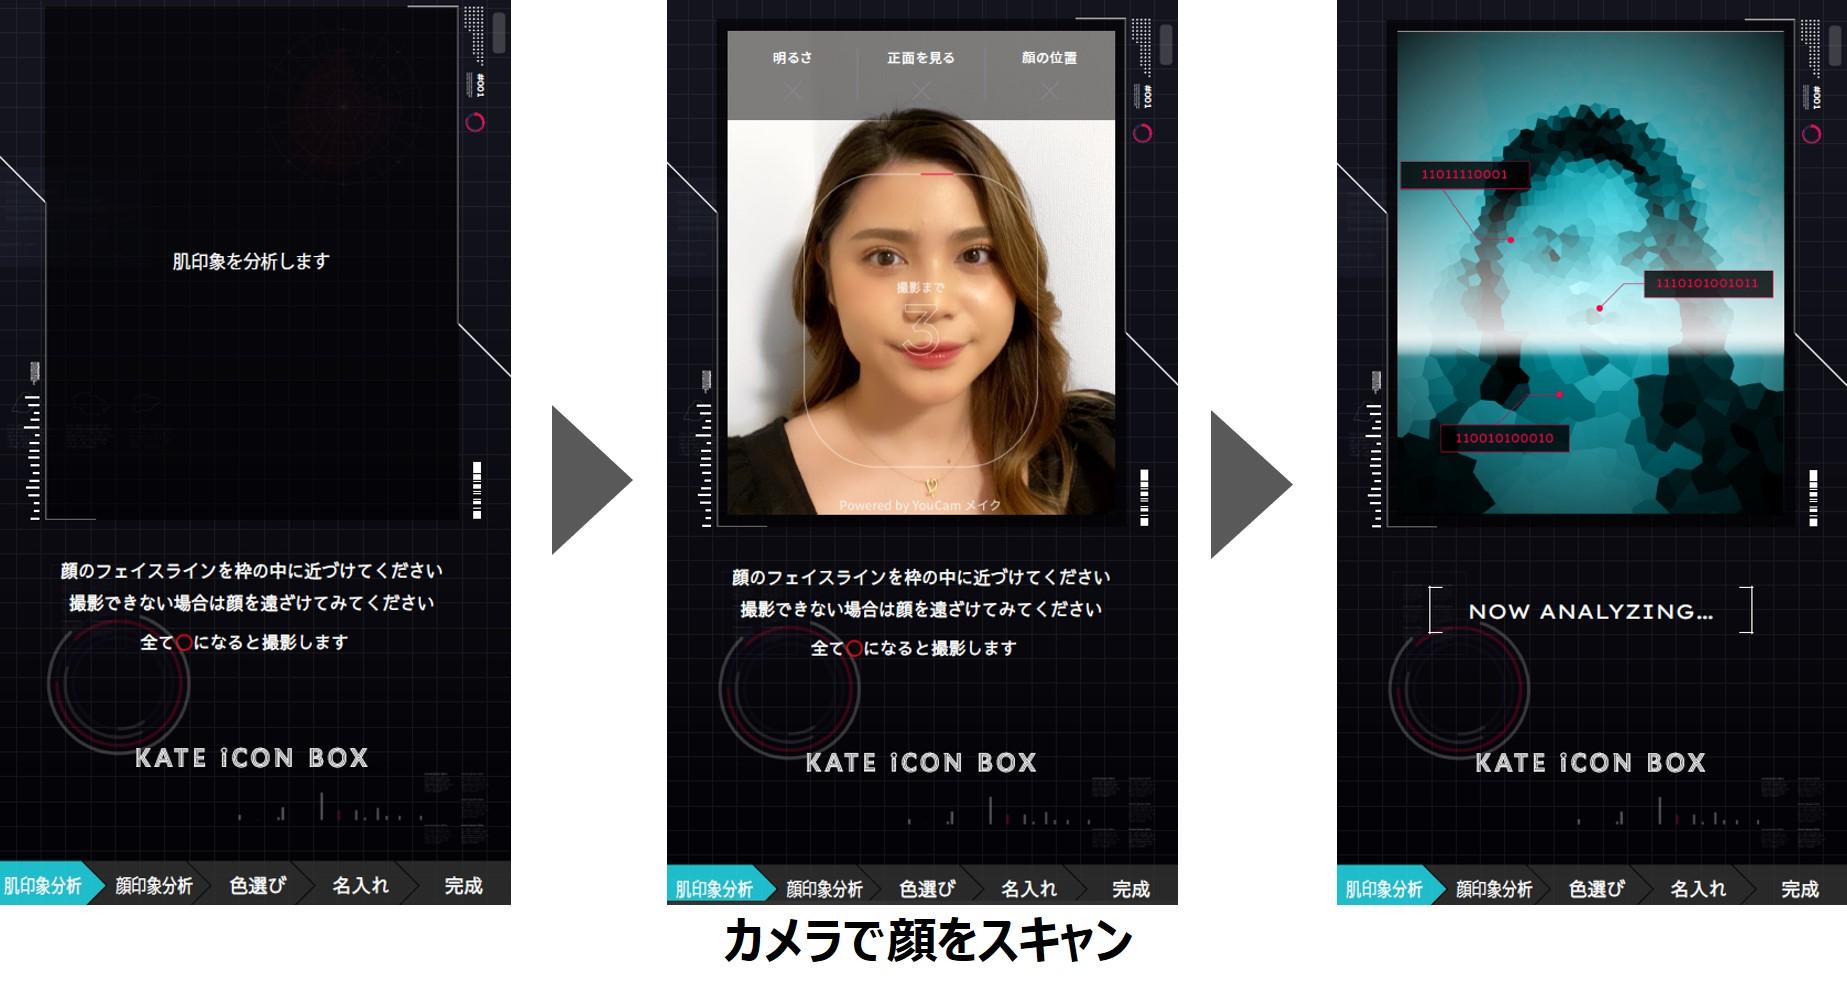 kate-icon-box5-2